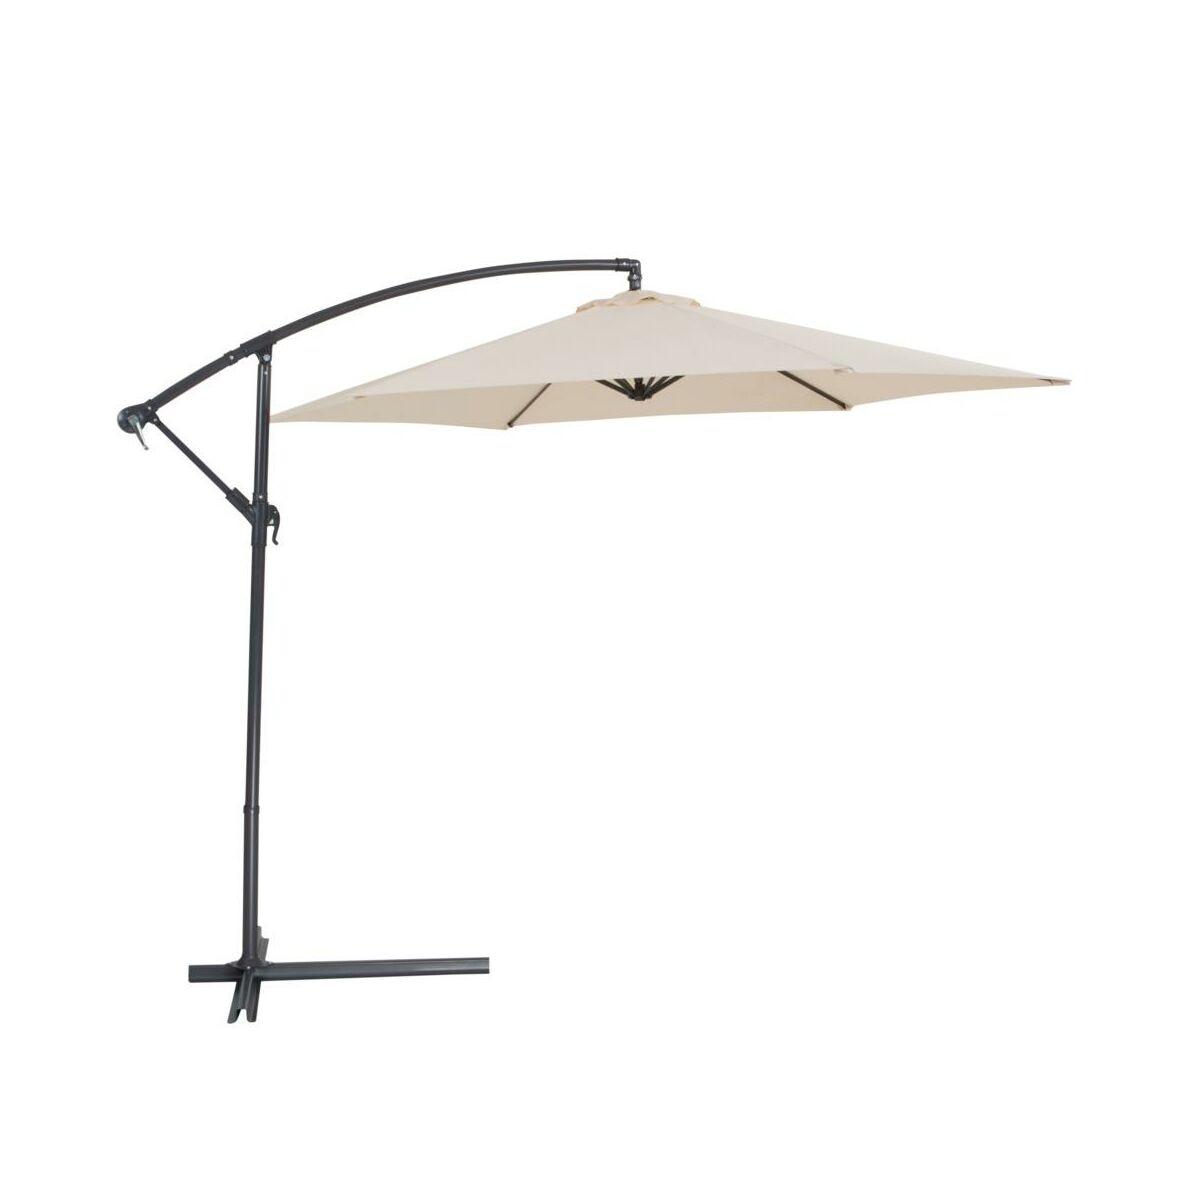 Parasol ogrodowy bez beliani parasole ogrodowe podstawy w atrakcyjnej cenie w sklepach - Leroy merlin parasol deporte ...